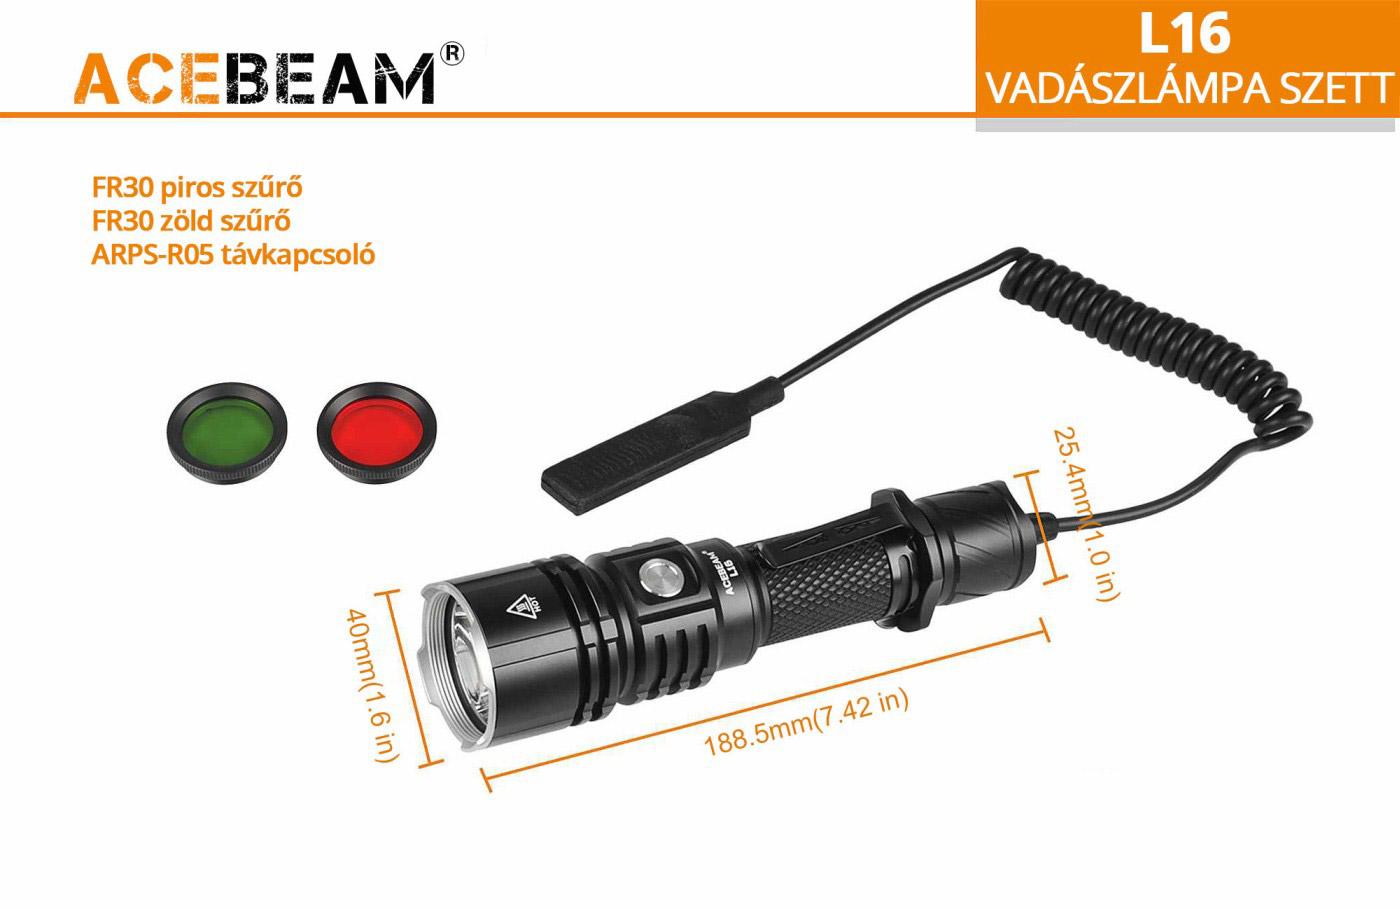 AceBeam L16 vadász elemlámpa kit